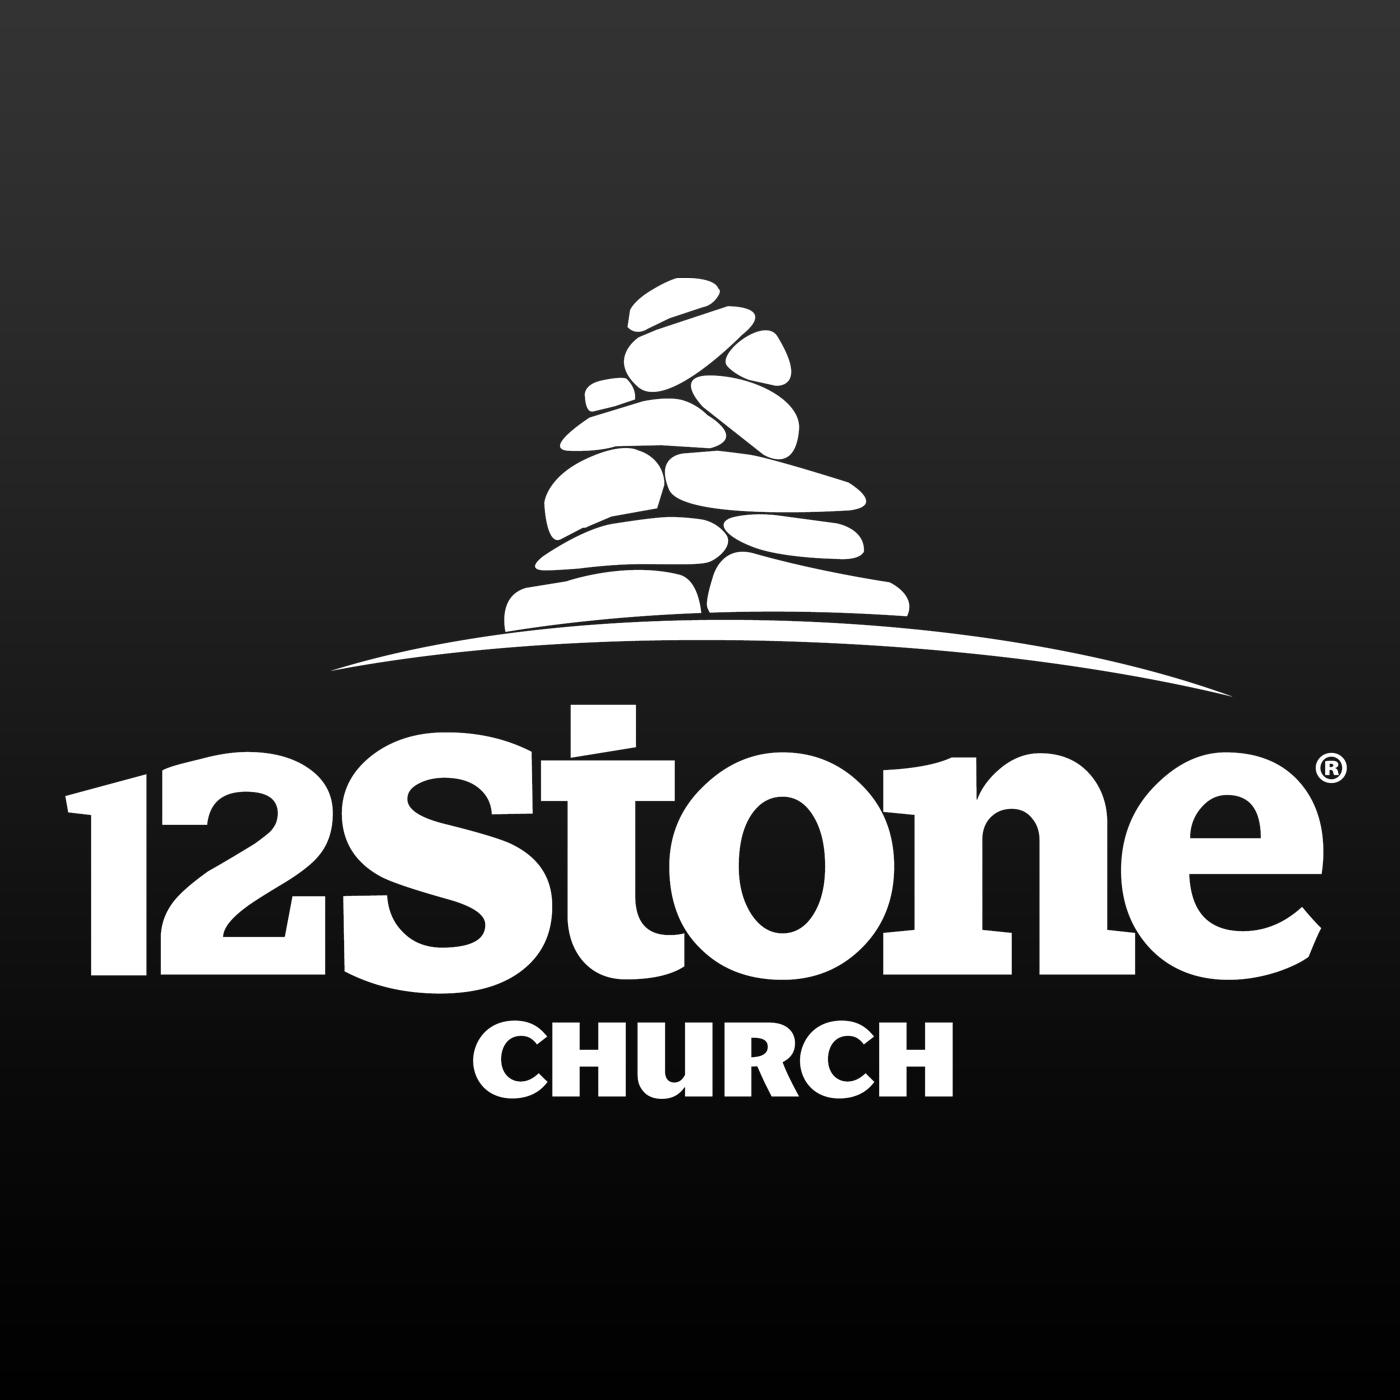 12Stone Church